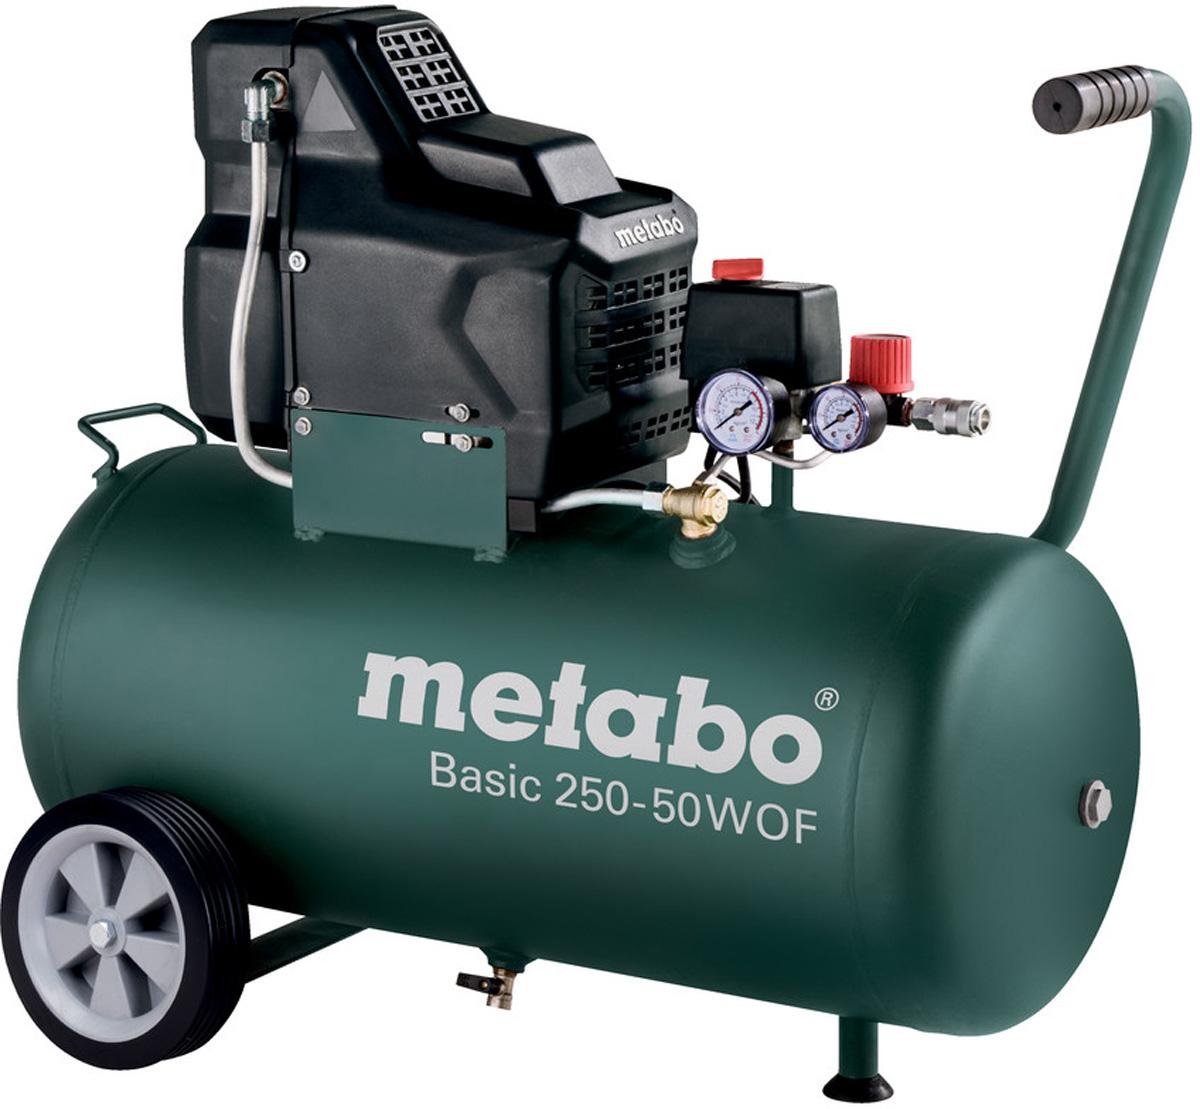 Компрессор Metabo Basic250-50W OF, безмасляный, 120 л/мин601535000Мощный и прочный компрессор для простого профессионального применения, Безмасляный поршневой компрессор: простая транспортировка и сниженные затраты на обслуживание, Для однофазного переменного тока, Регулируемое рабочее давление, ориентированное на конкретное применение, благодаря редуктору с манометром, Хороший холодный пуск благодаря манометрическому переключателю с разгрузочным клапаном, Защита от перегрузок: предохраняет двигатель от перегрева, Обрезиненные устойчивые колеса для мобильного использования, Не требуется проверка перед включением, Дополнительный манометр для индикации давления в ресивере, Обрезиненная рукоятка для комфортного пользования, 10-летняя гарантия на ресивер от сквозной коррозии